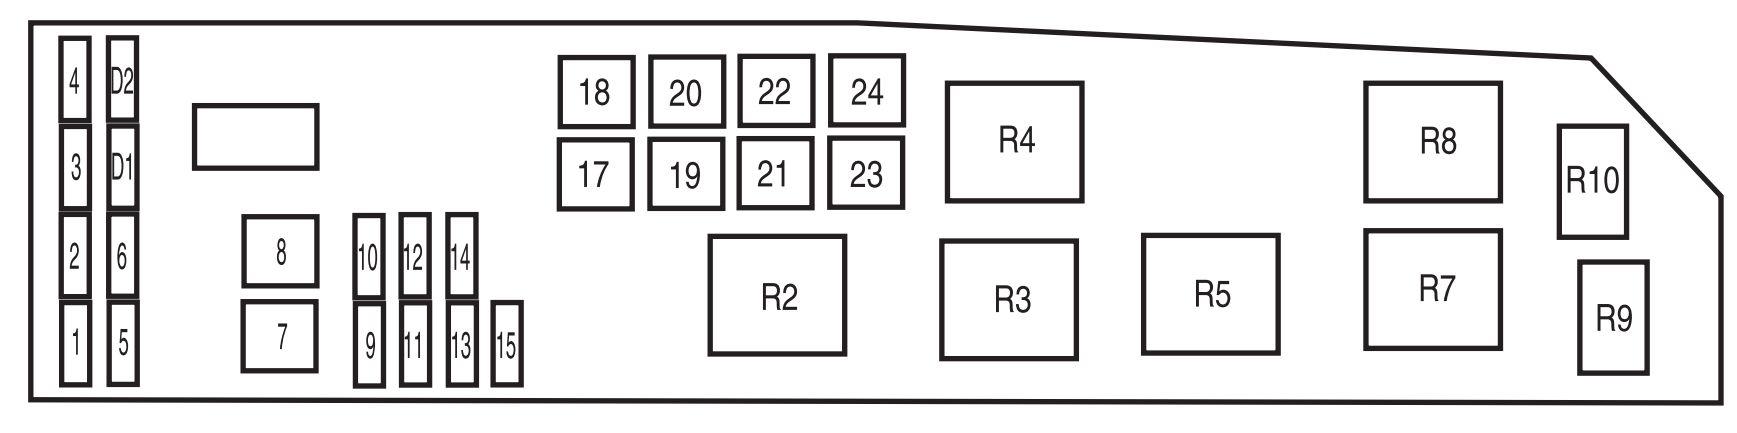 2005 mazda tribute fuse panel diagram wiring diagrams delete  02 mazda tribute fuse box #14